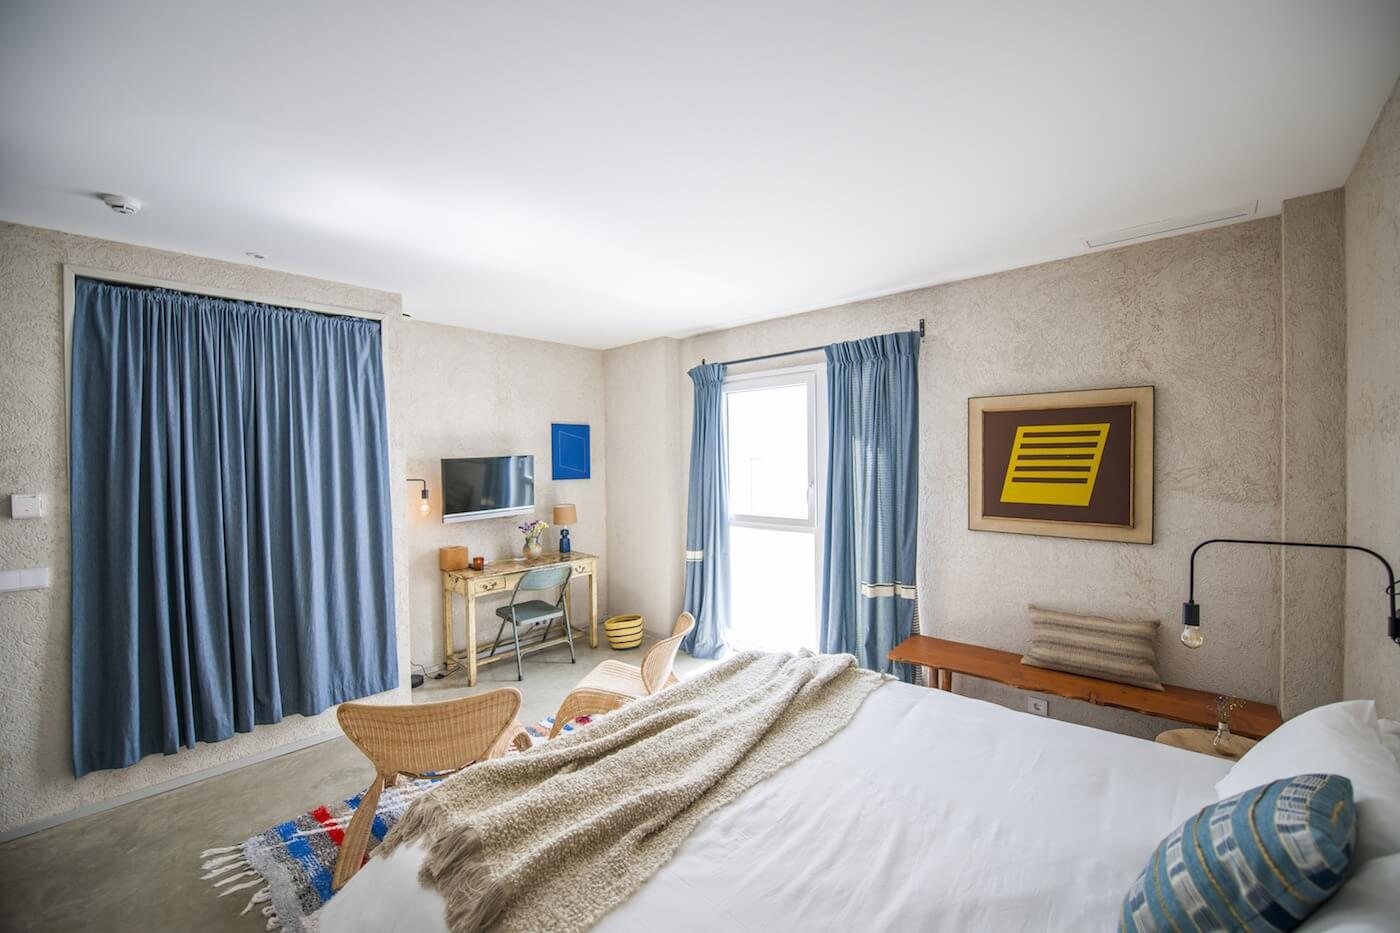 Habitación de hotel Kook en Tarifa